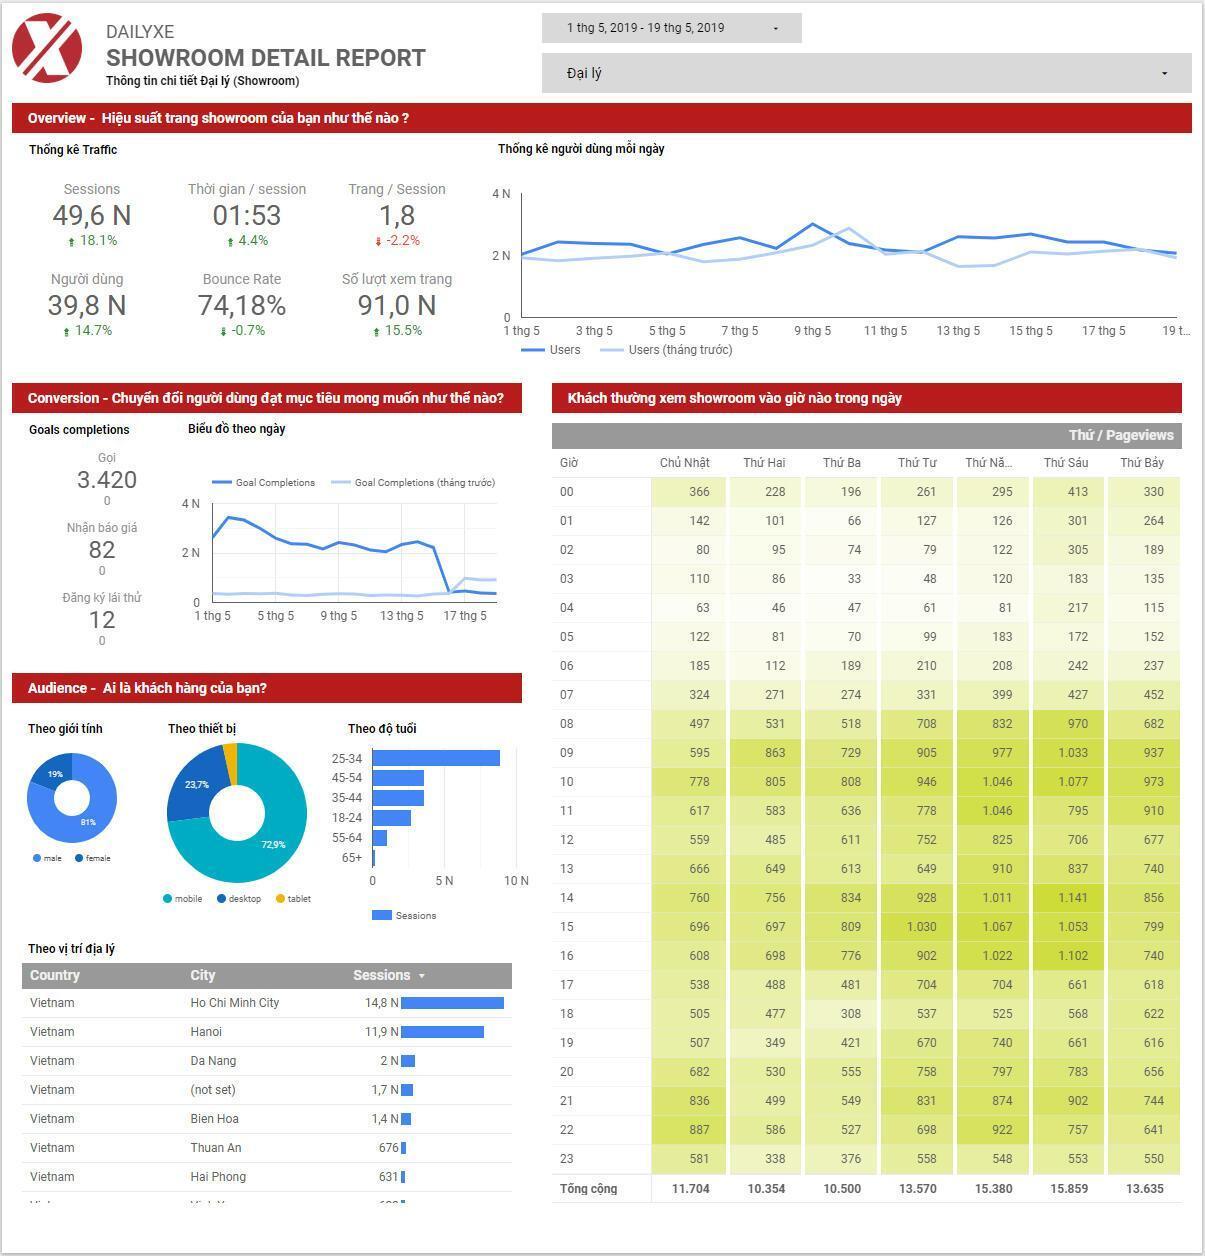 datastudio-google.png